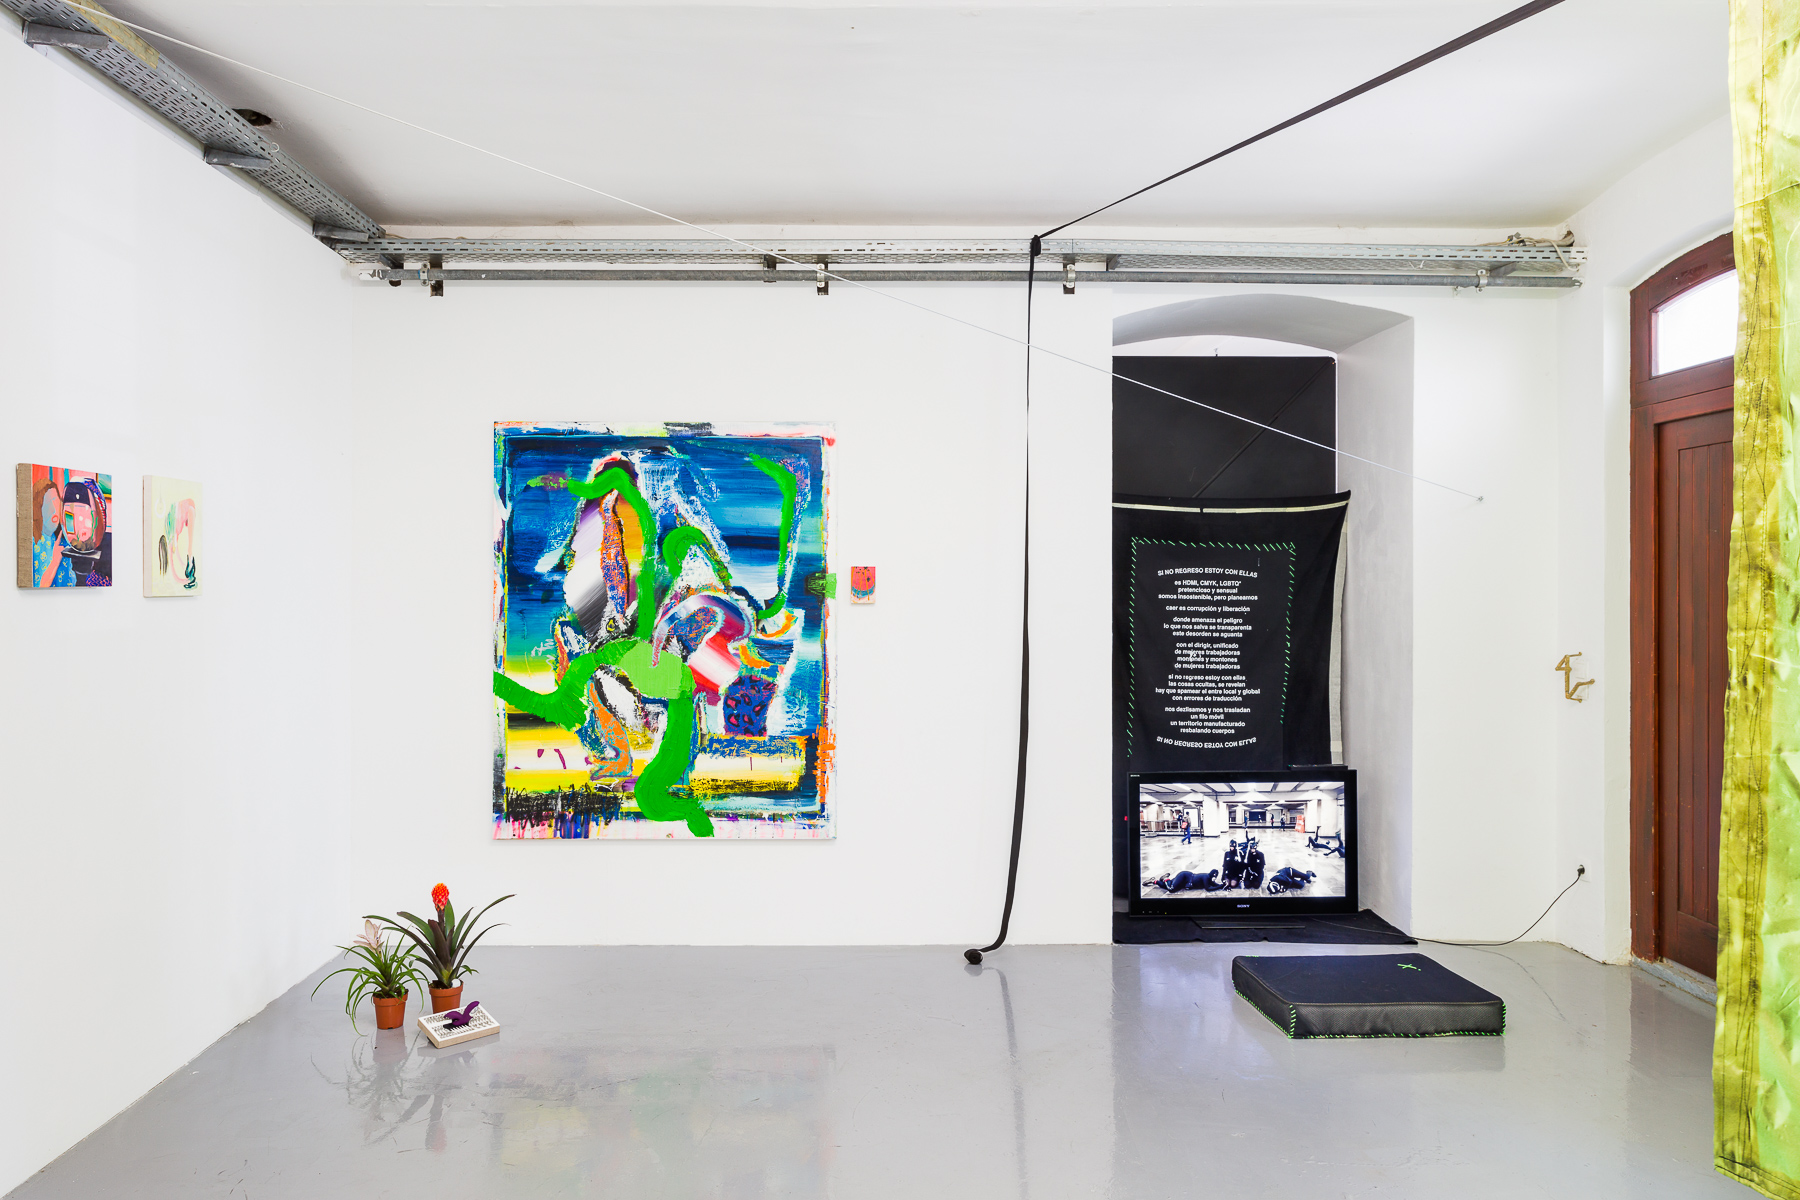 2019_07_23_Ebullicion_Kunstraum-am-Schauplatz_022_web.jpg